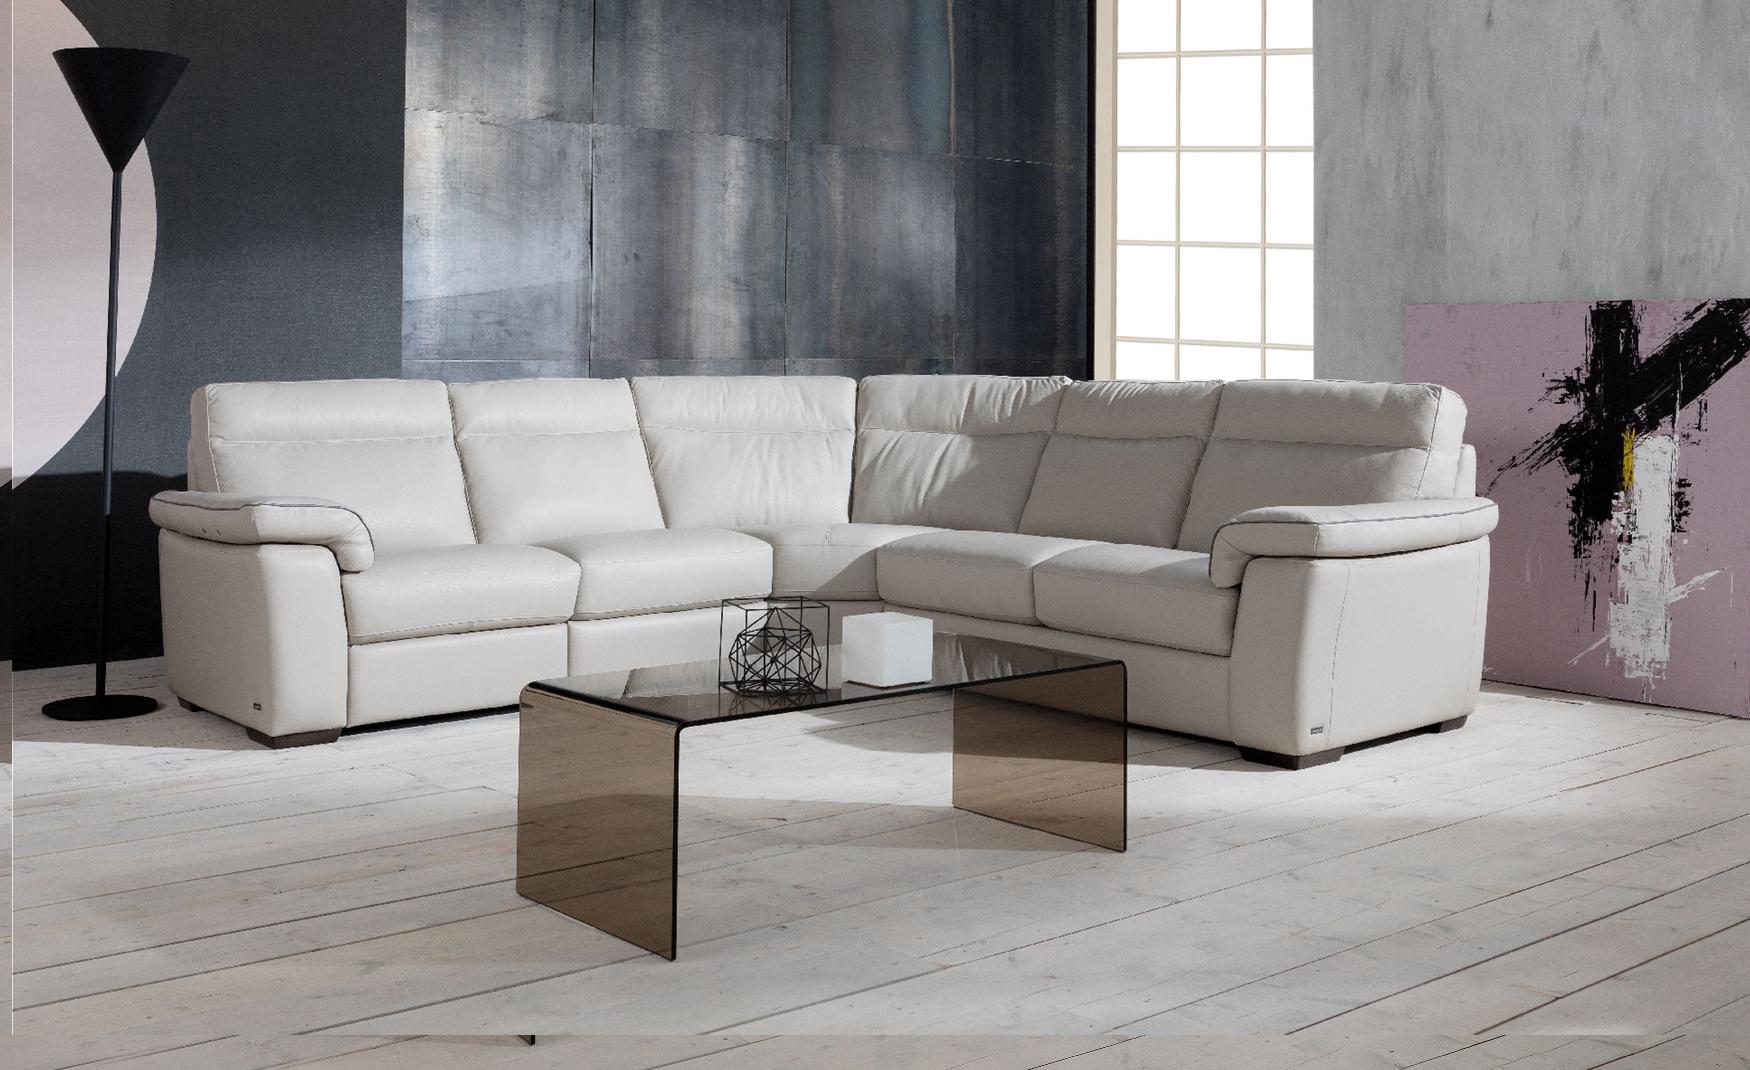 Compact divani divani for Collezione divani e divani